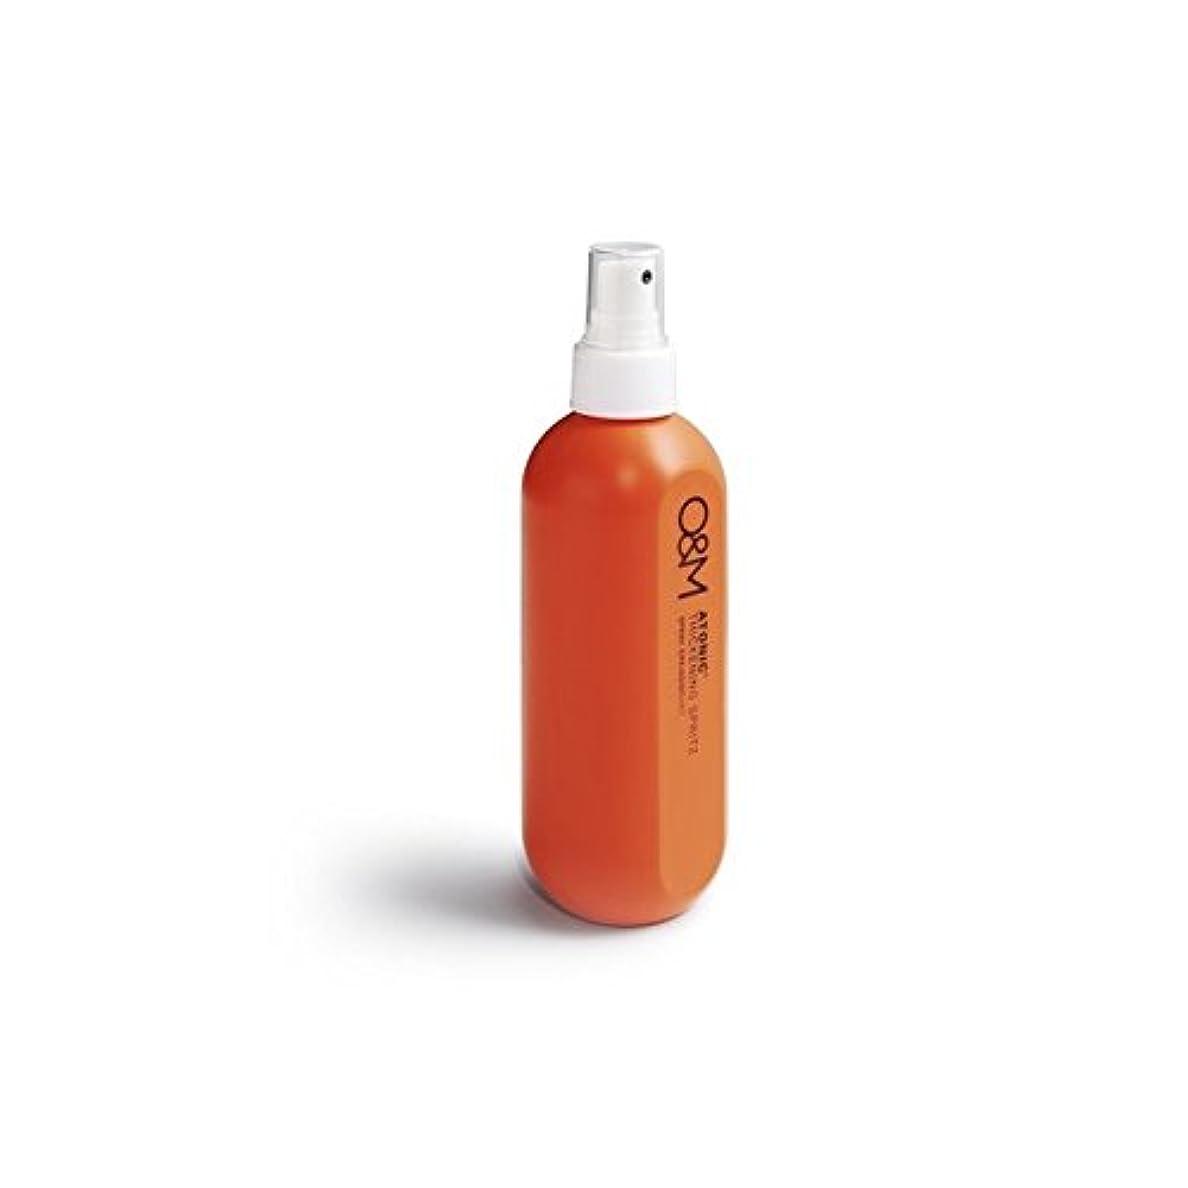 タクシー精算無傷オリジナル&ミネラル脱力増粘スプリッツ(250ミリリットル) x2 - Original & Mineral Atonic Thickening Spritz (250ml) (Pack of 2) [並行輸入品]